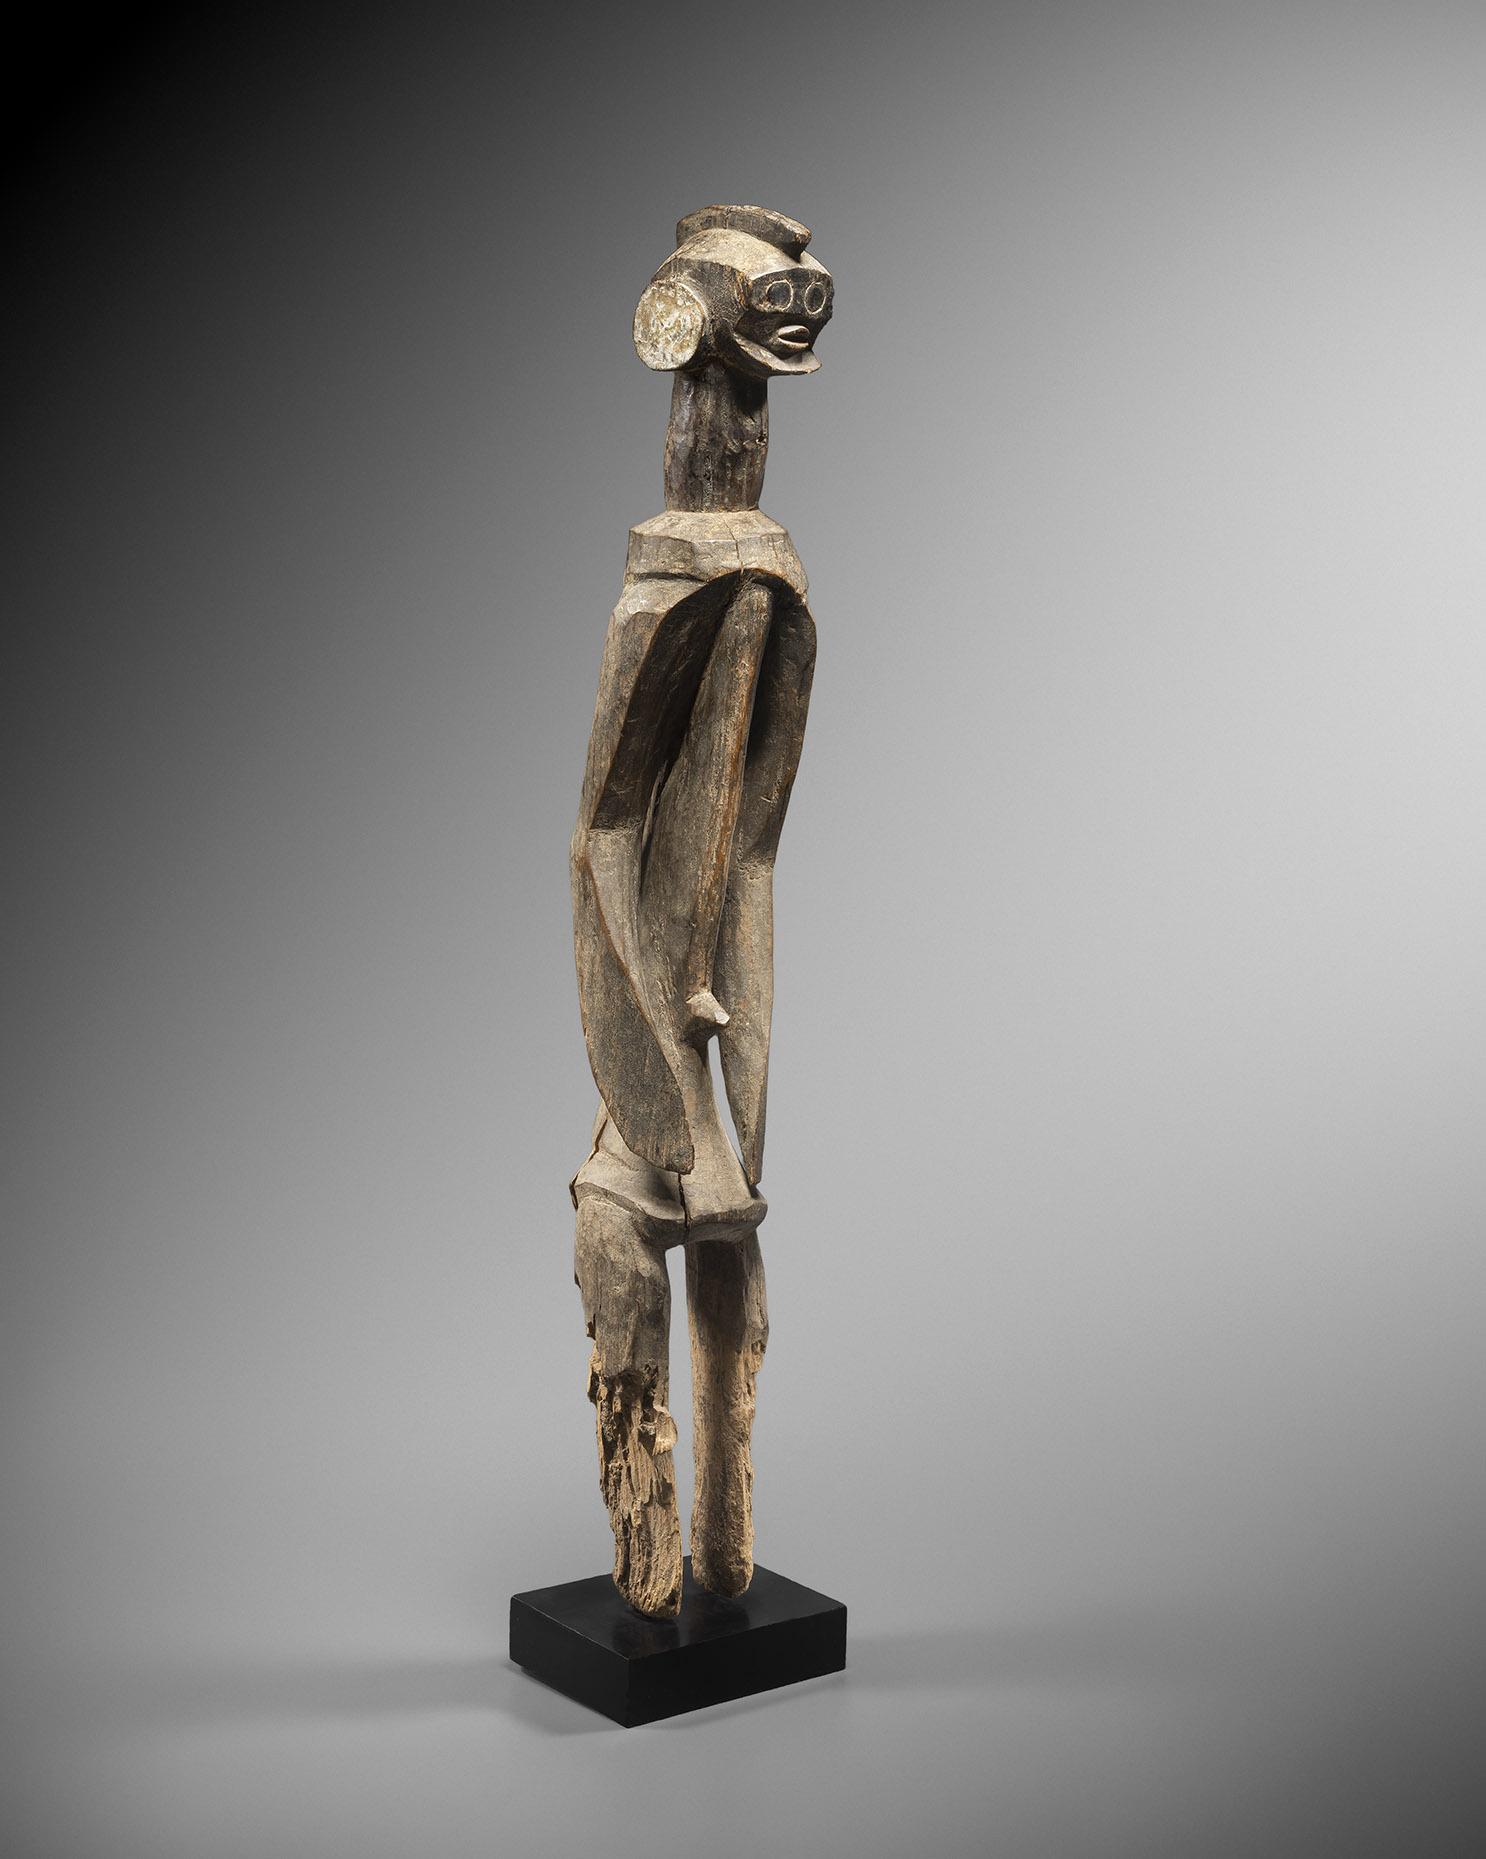 Galerie Nicolas Rolland